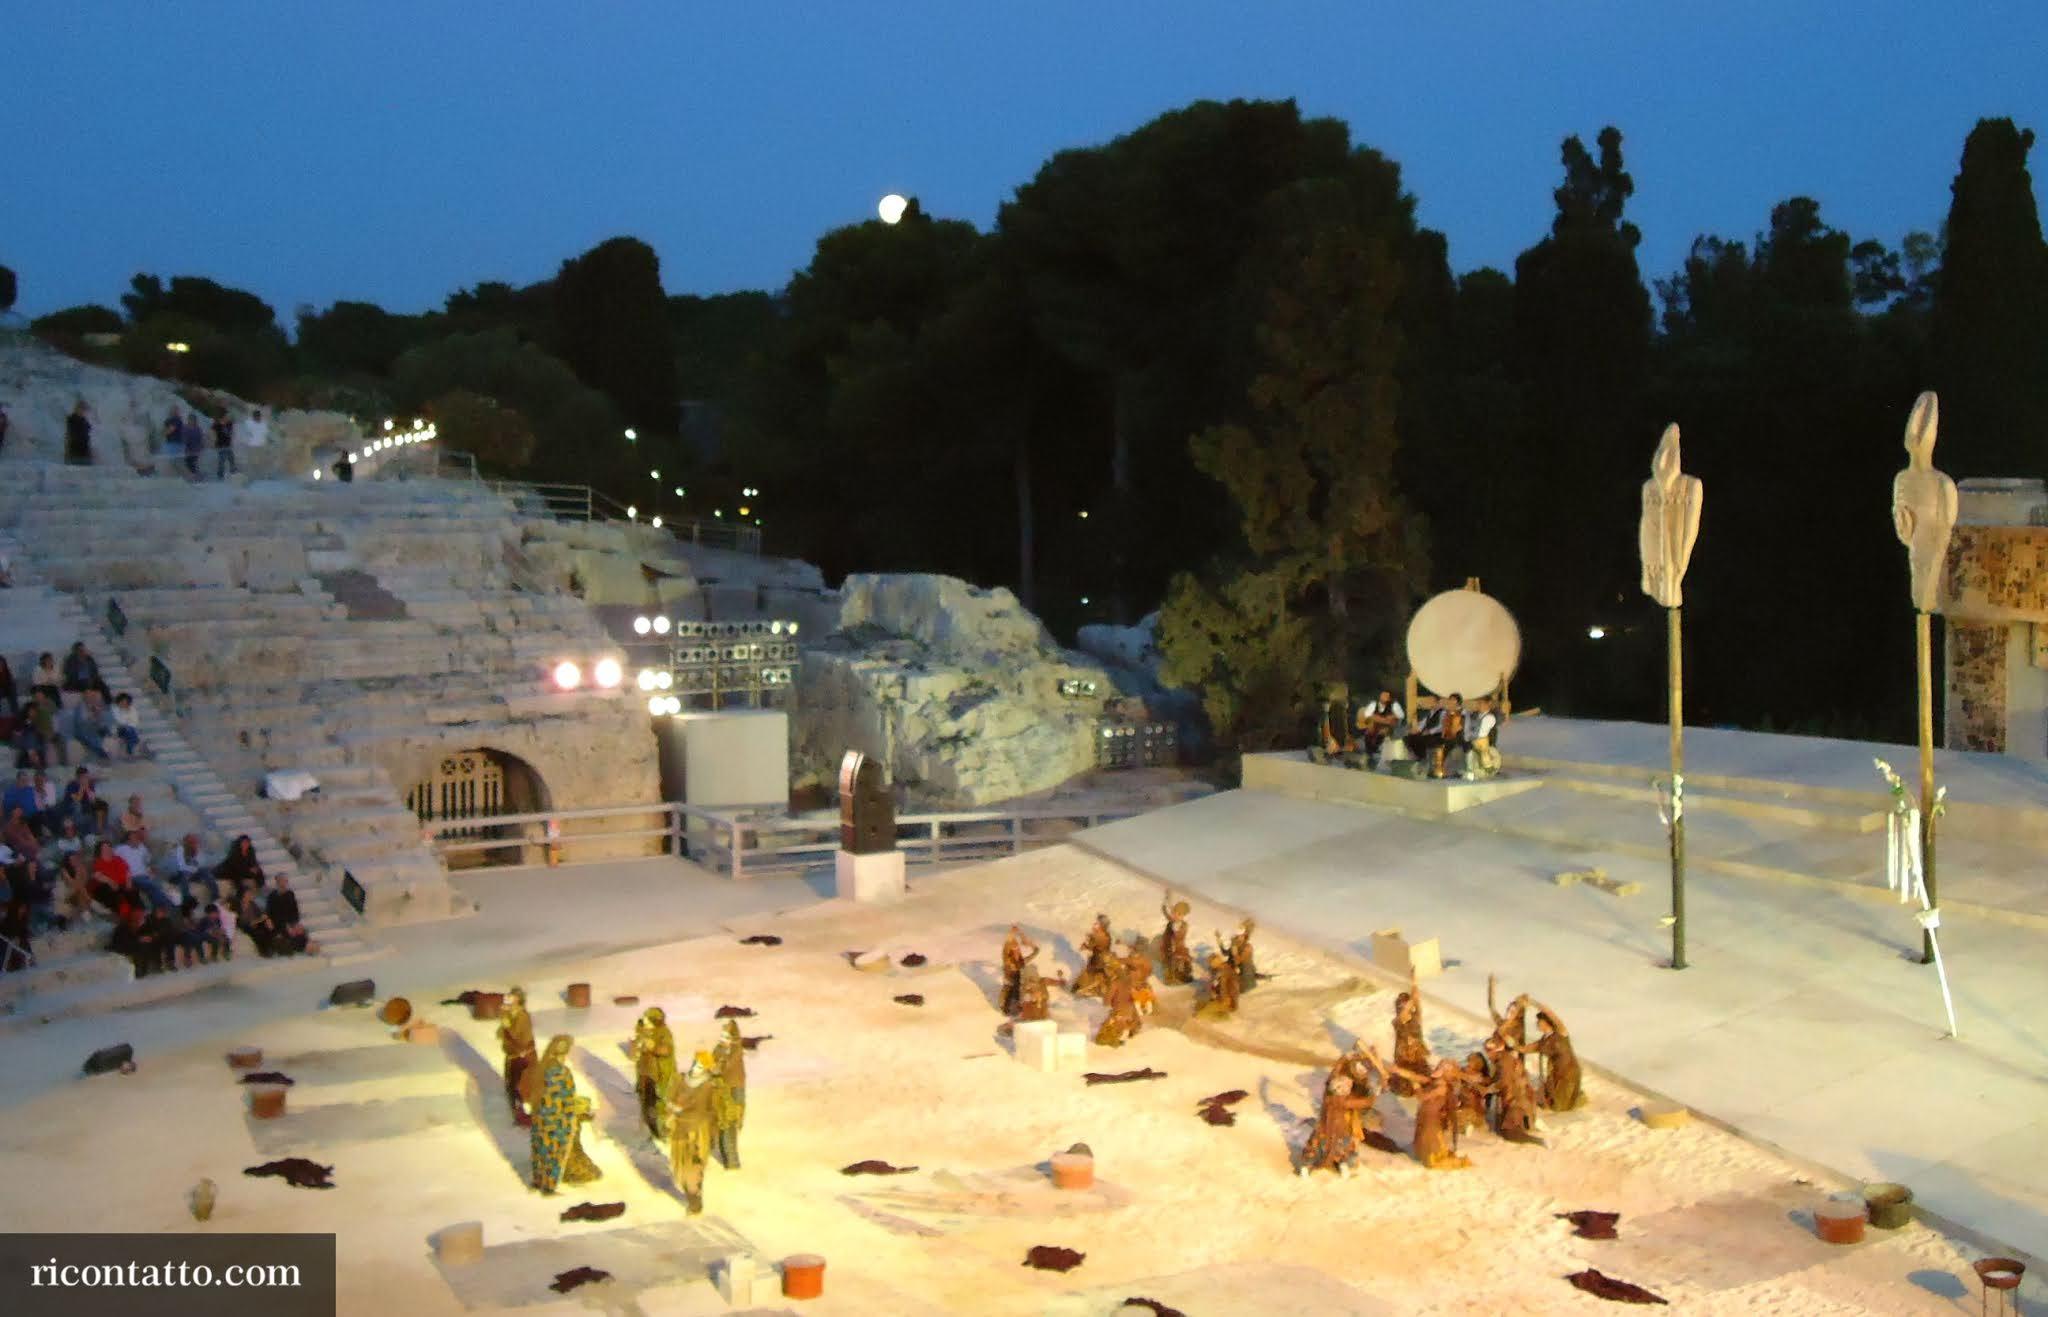 Siracusa, Sicilia, Italy - Photo #15 by Ricontatto.com